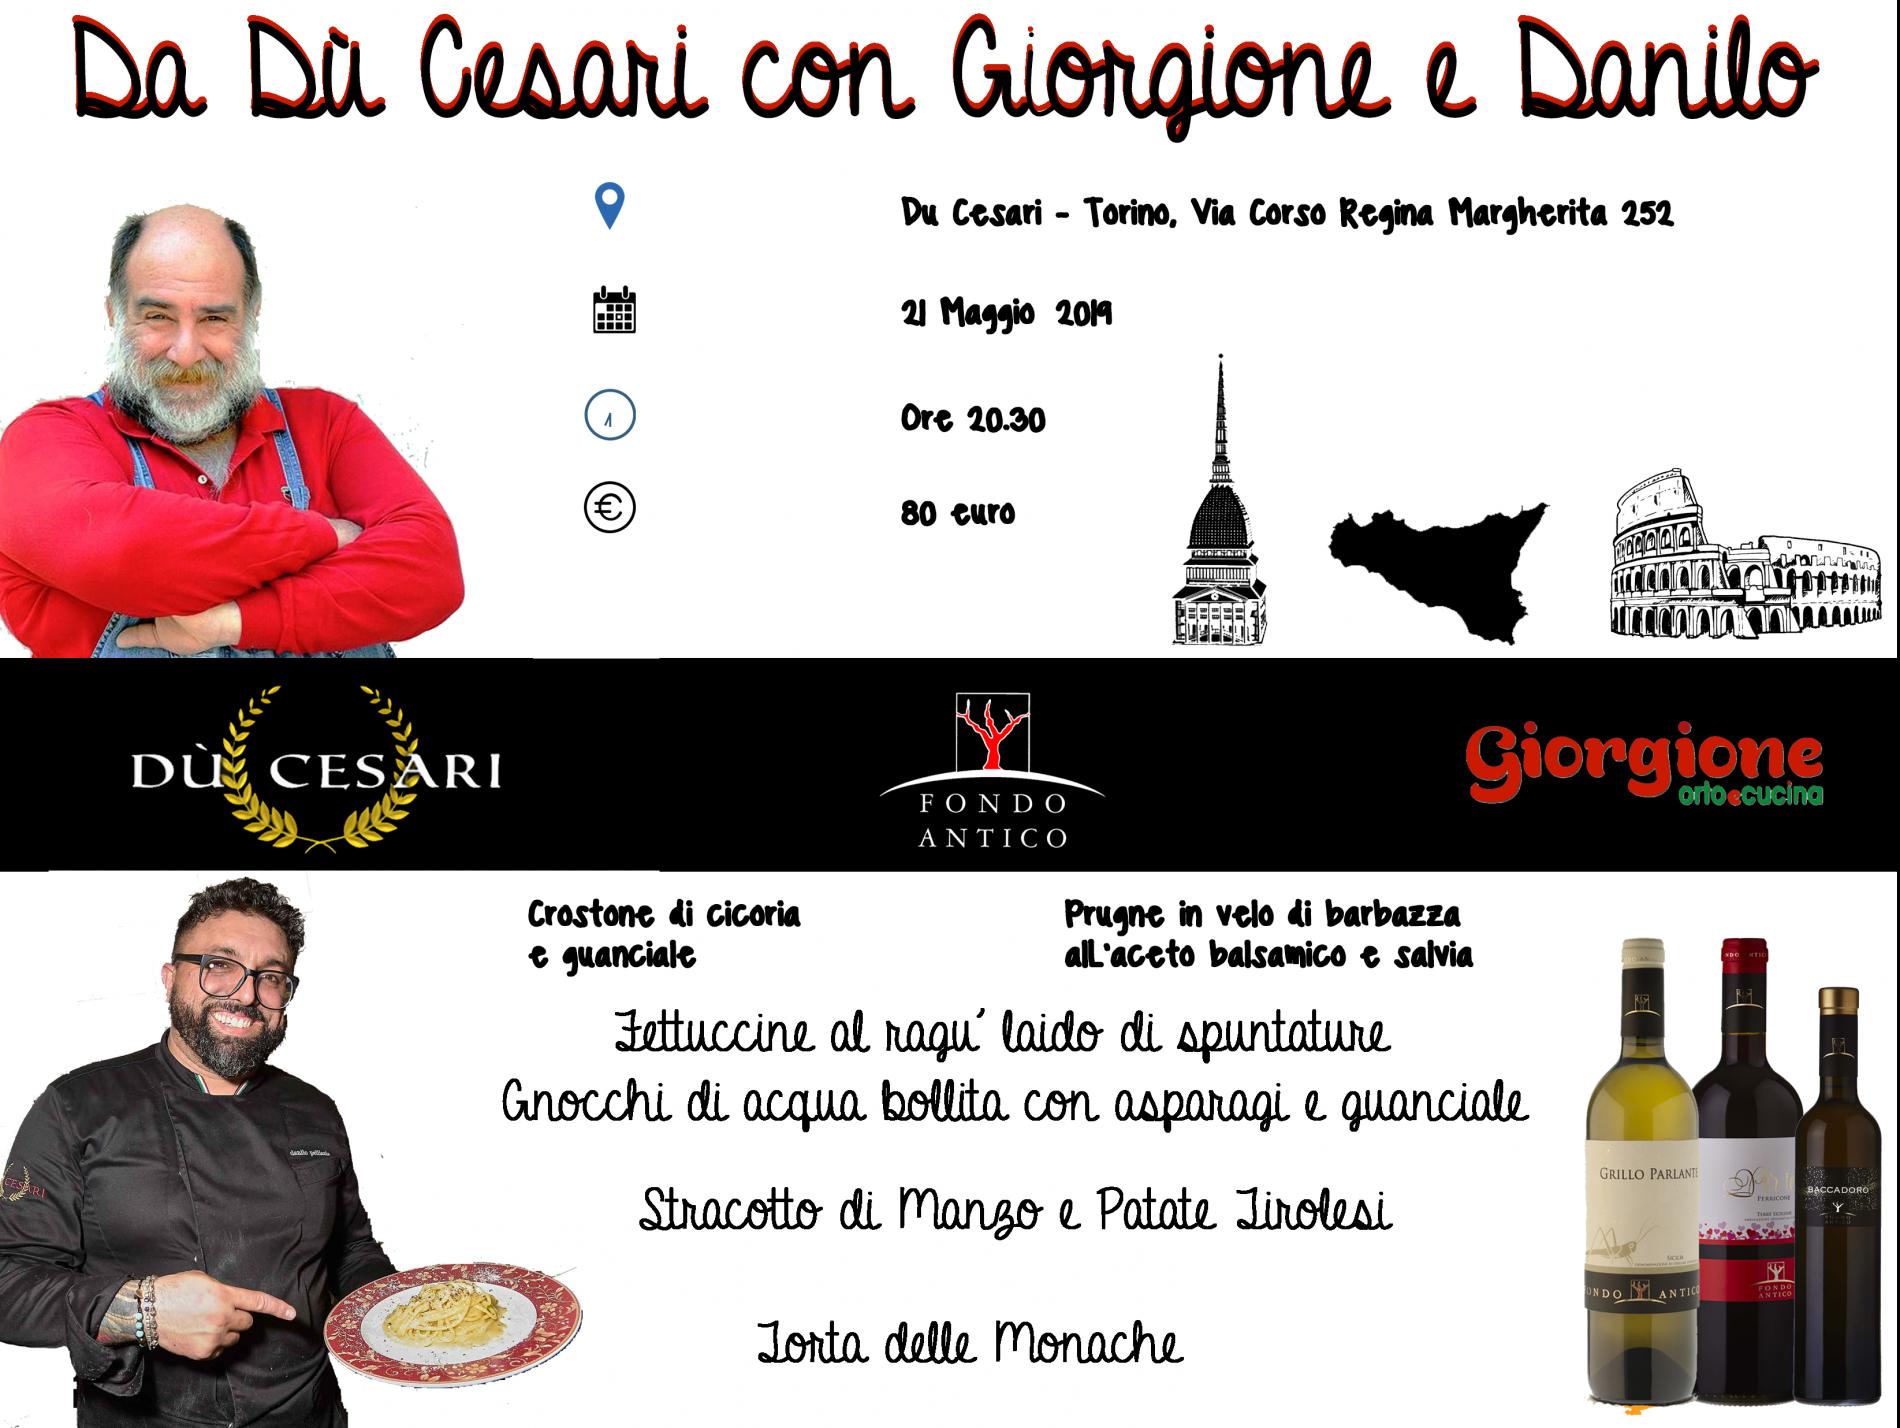 #Danilo&Giorgione – Racconto da Dù Cesari a Torino